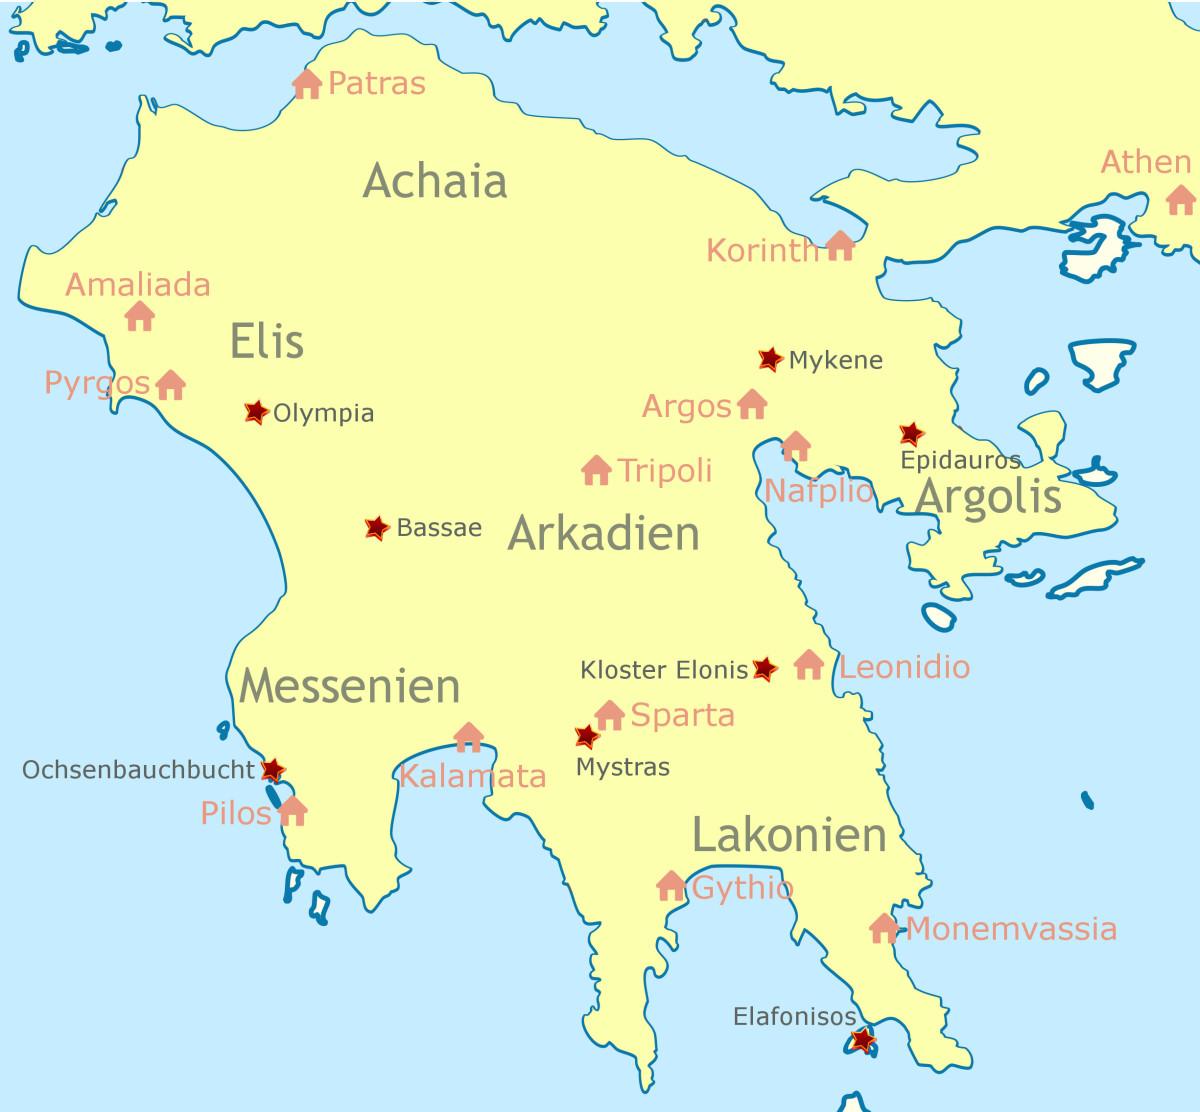 Karte des Peloponnes mit den großen Städten, den bekanntesten Sehenswürdigkeiten und den Namen der Regionen.